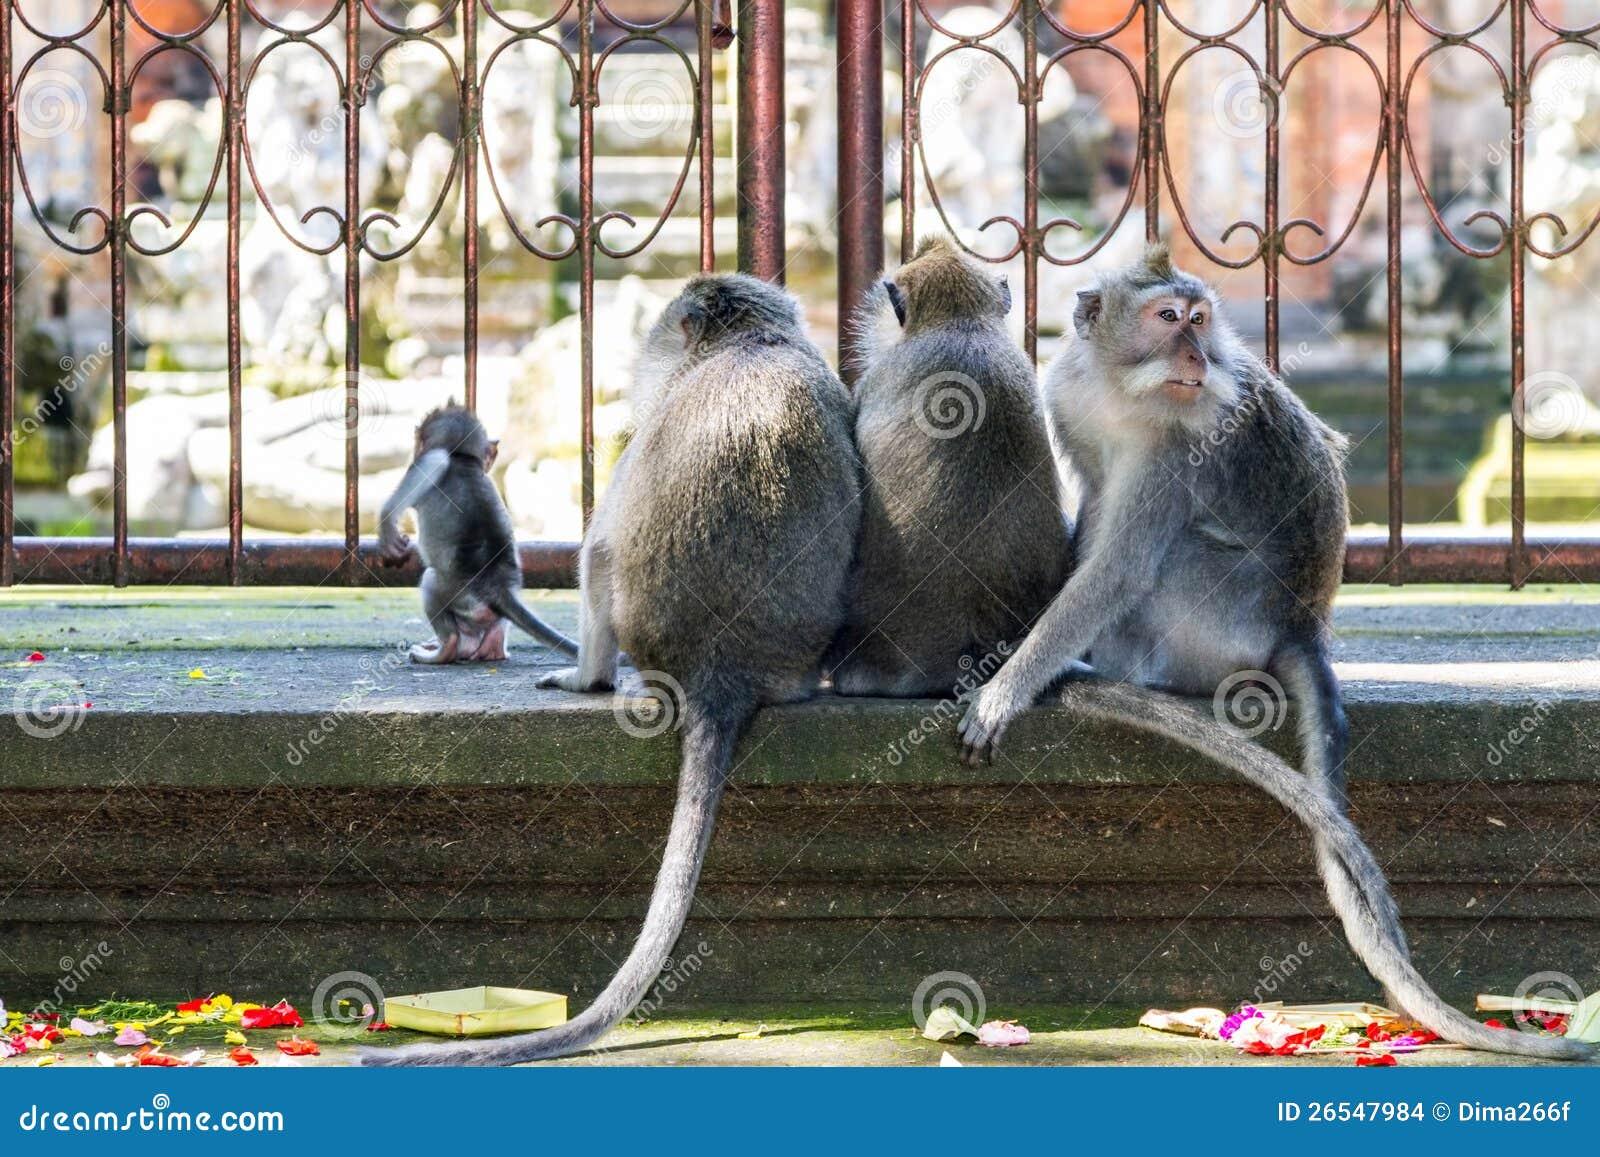 Grupp av apor som baksidt sitter till kameran